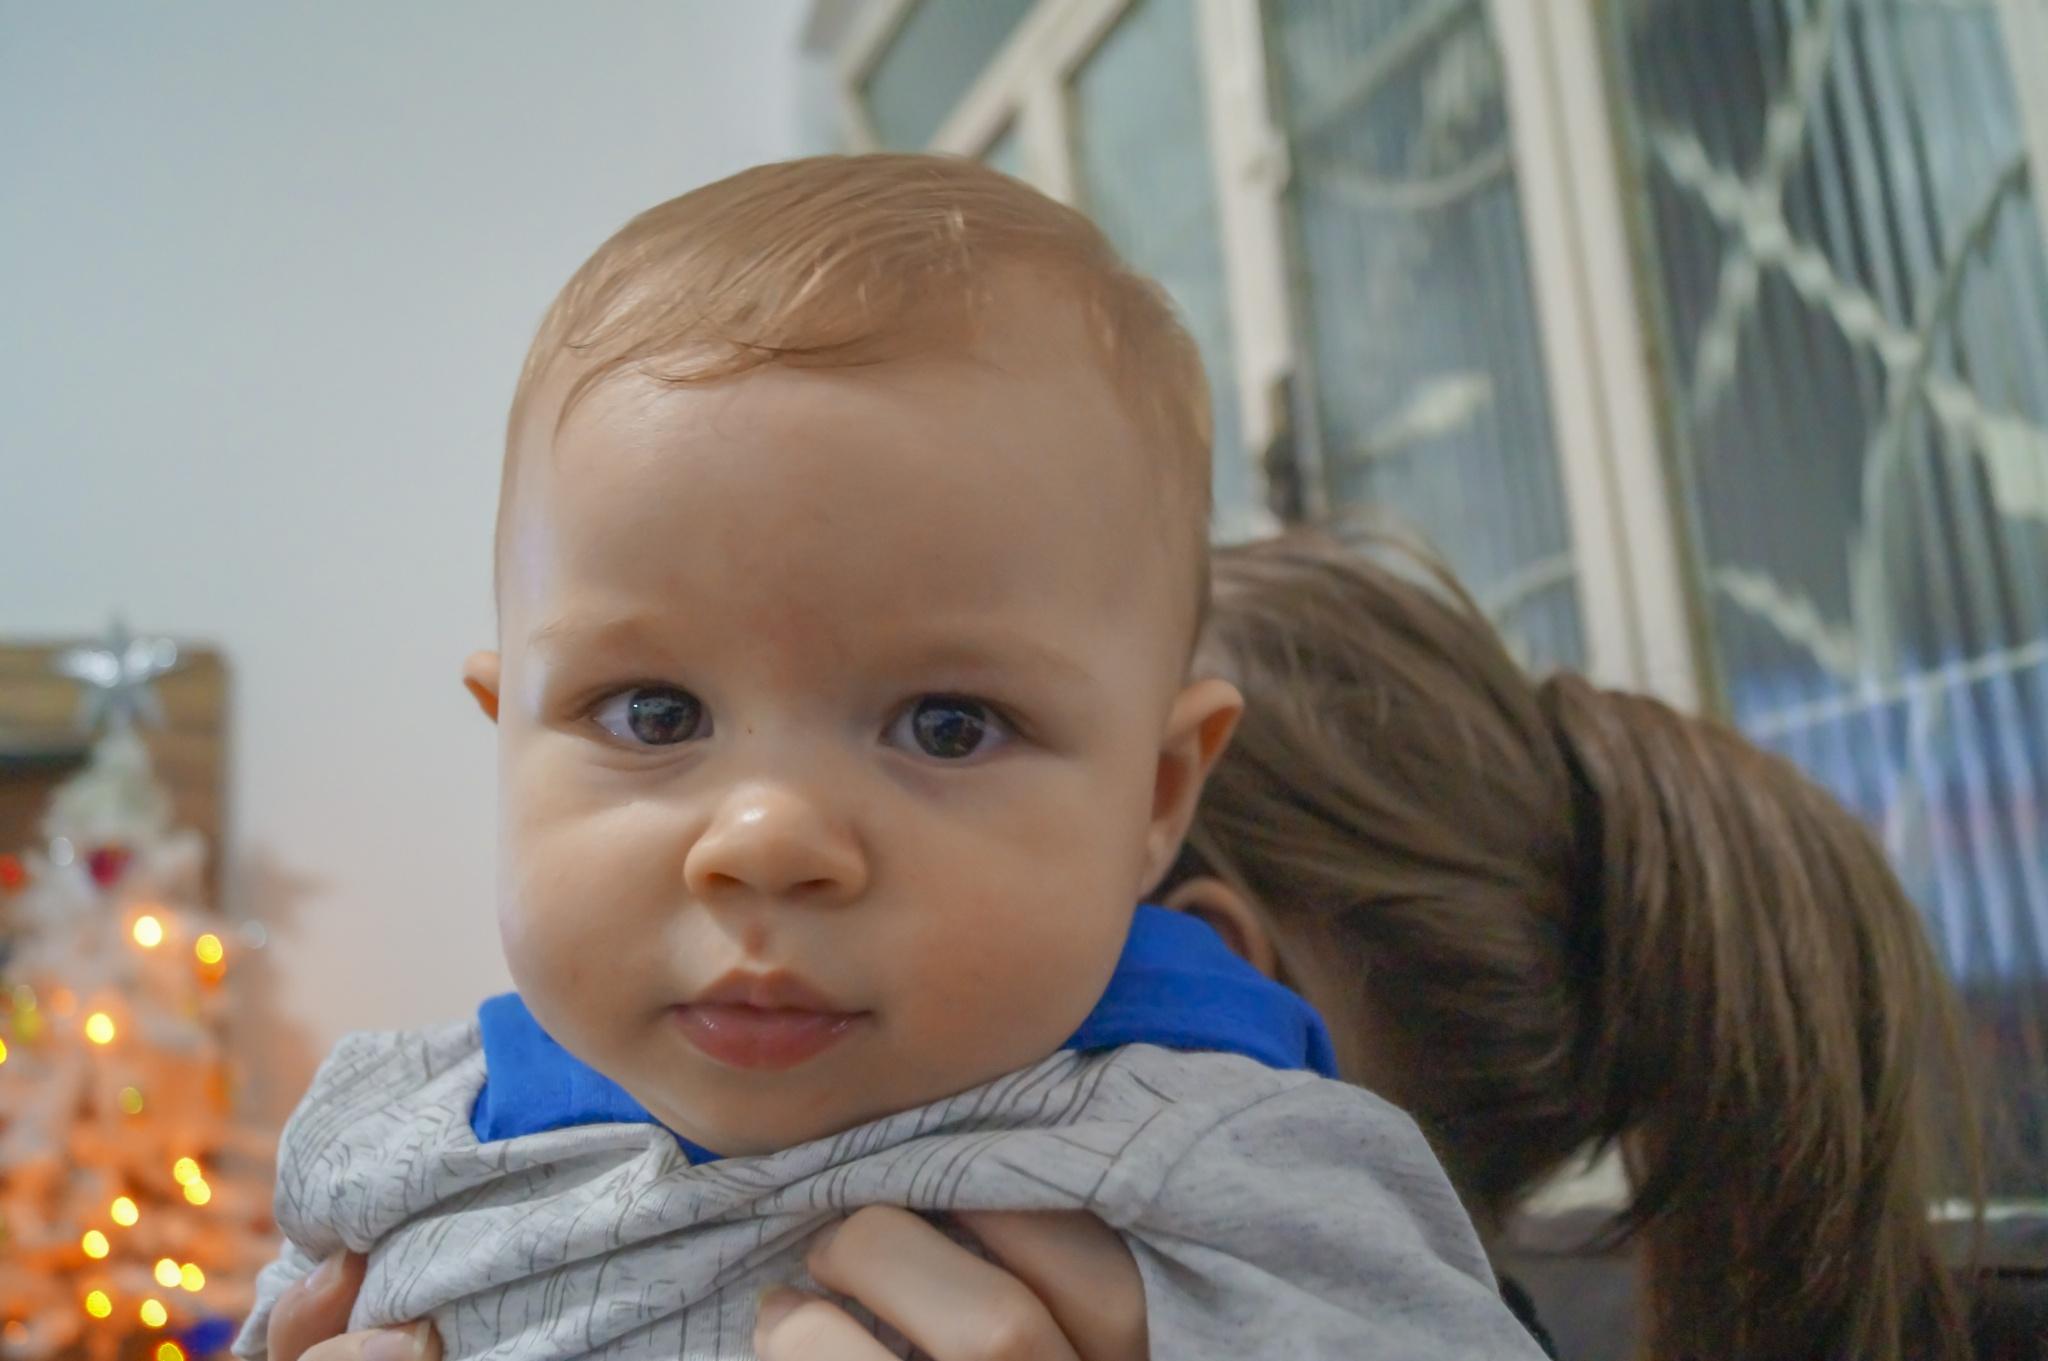 Samuel (7 meses) by Idanir Pawelkiewicz